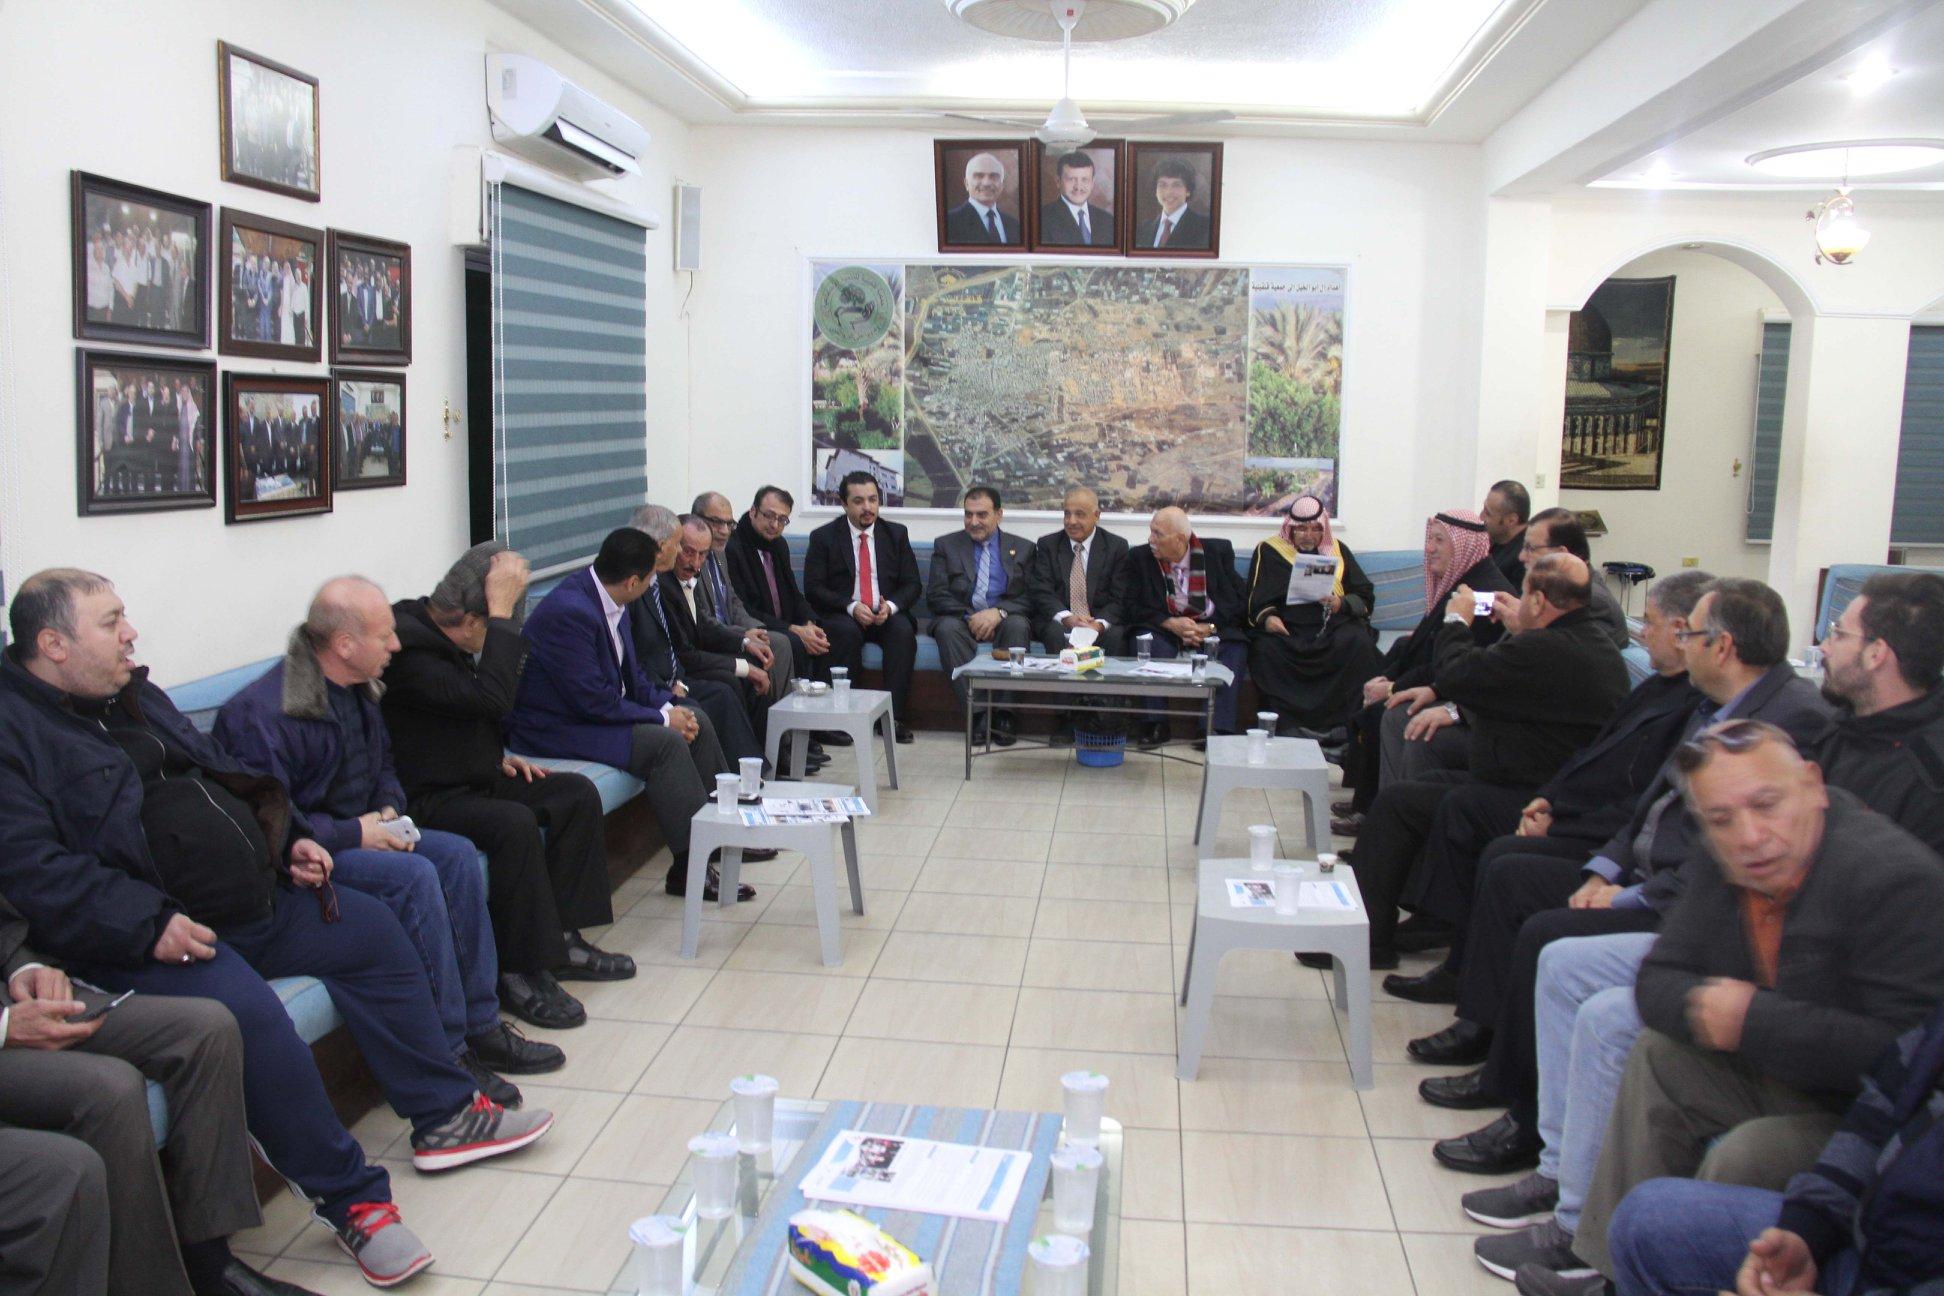 رئيس البلدية يلتقي باهالي قلقيلية في جمعية قلقيلية بالاردن